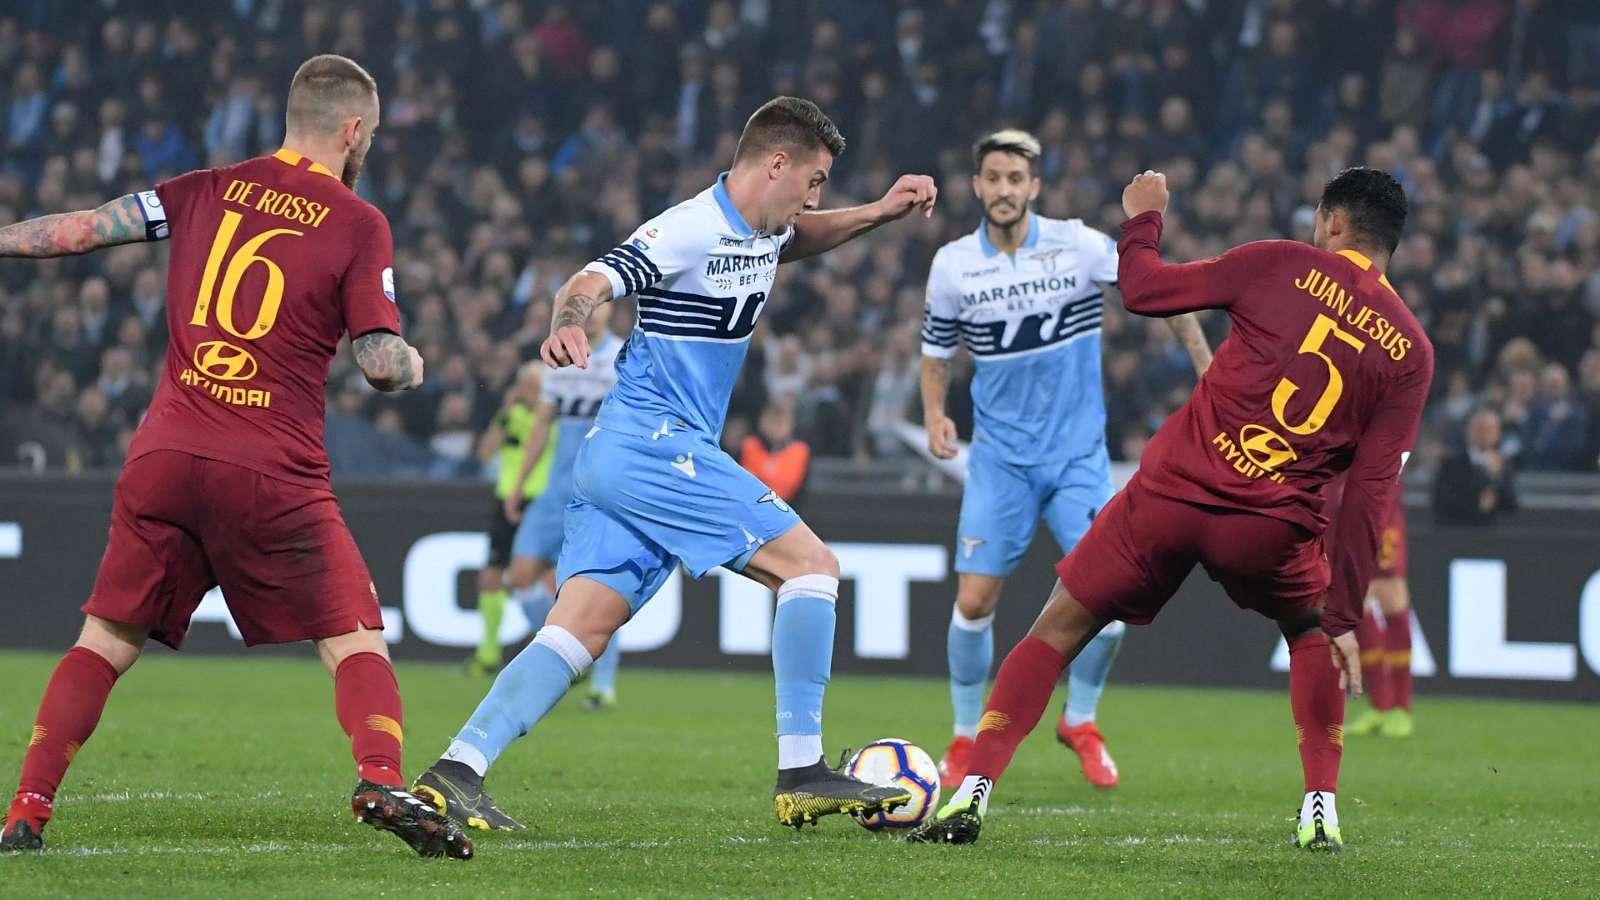 Lazio Rome 3-0 AS Roma : La Lazio met une claque à la Roma